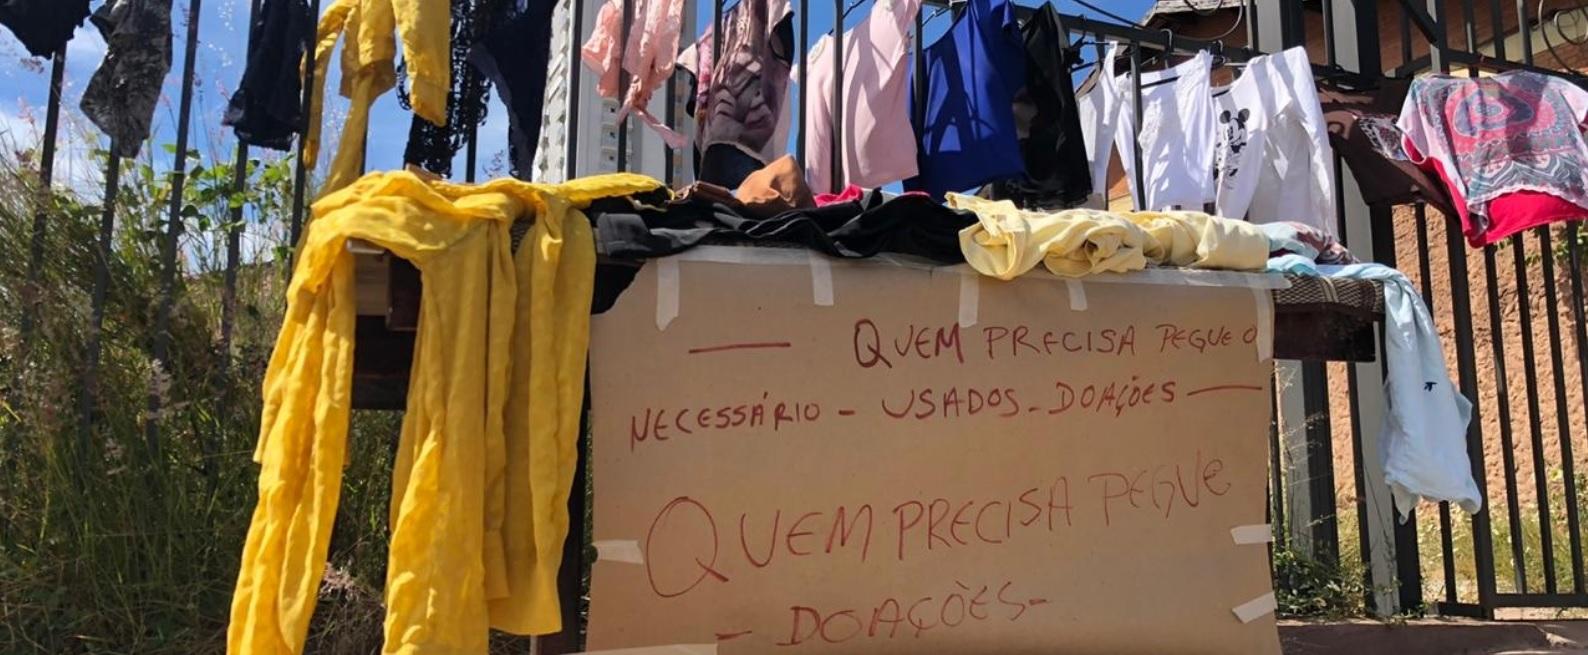 varal solidário roupas doadas moradores rua goiânia